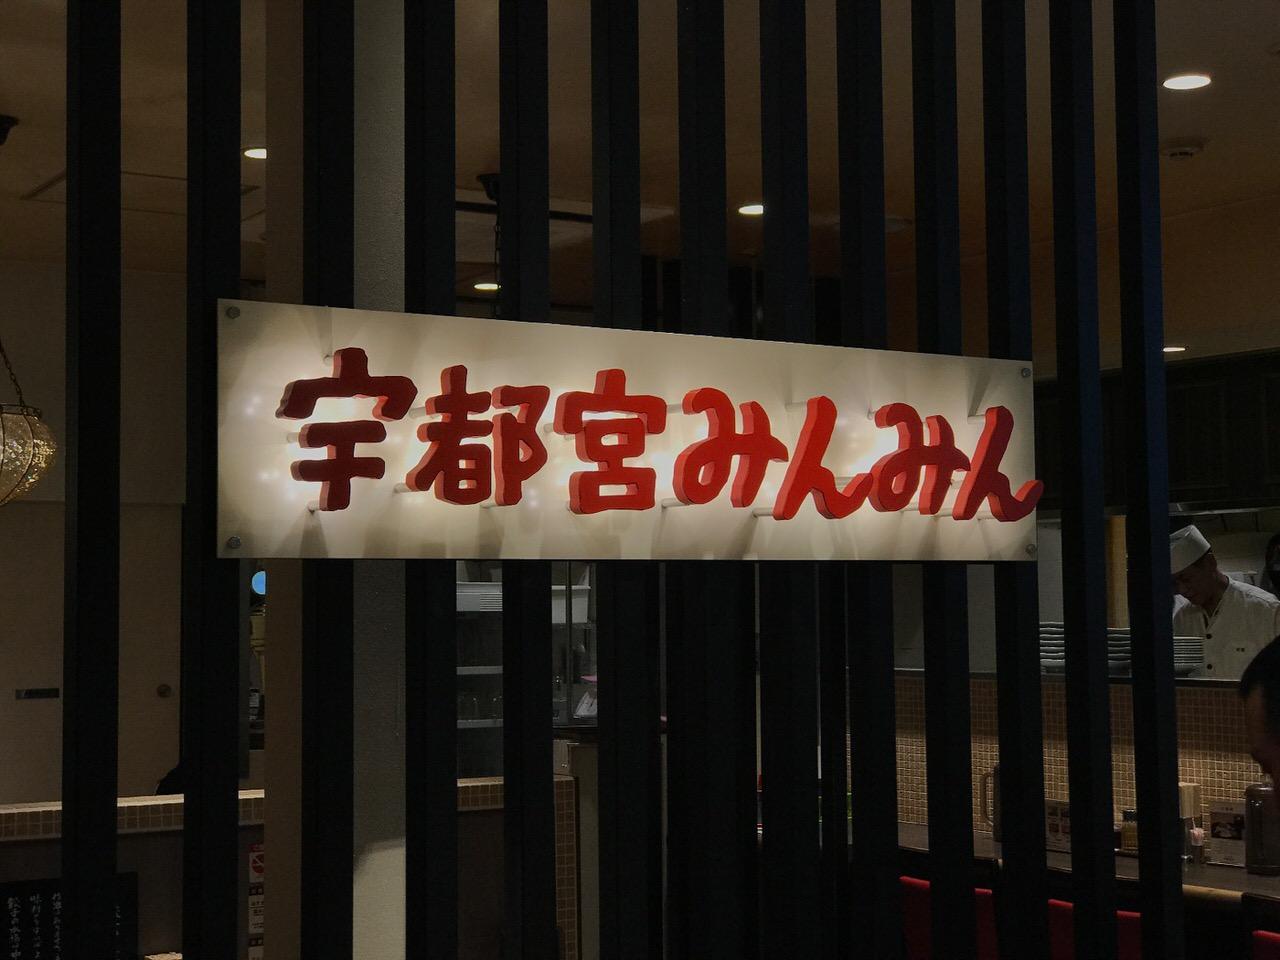 「宇都宮みんみん」焼餃子・水餃子・揚餃子を制覇!1人前230円は安い